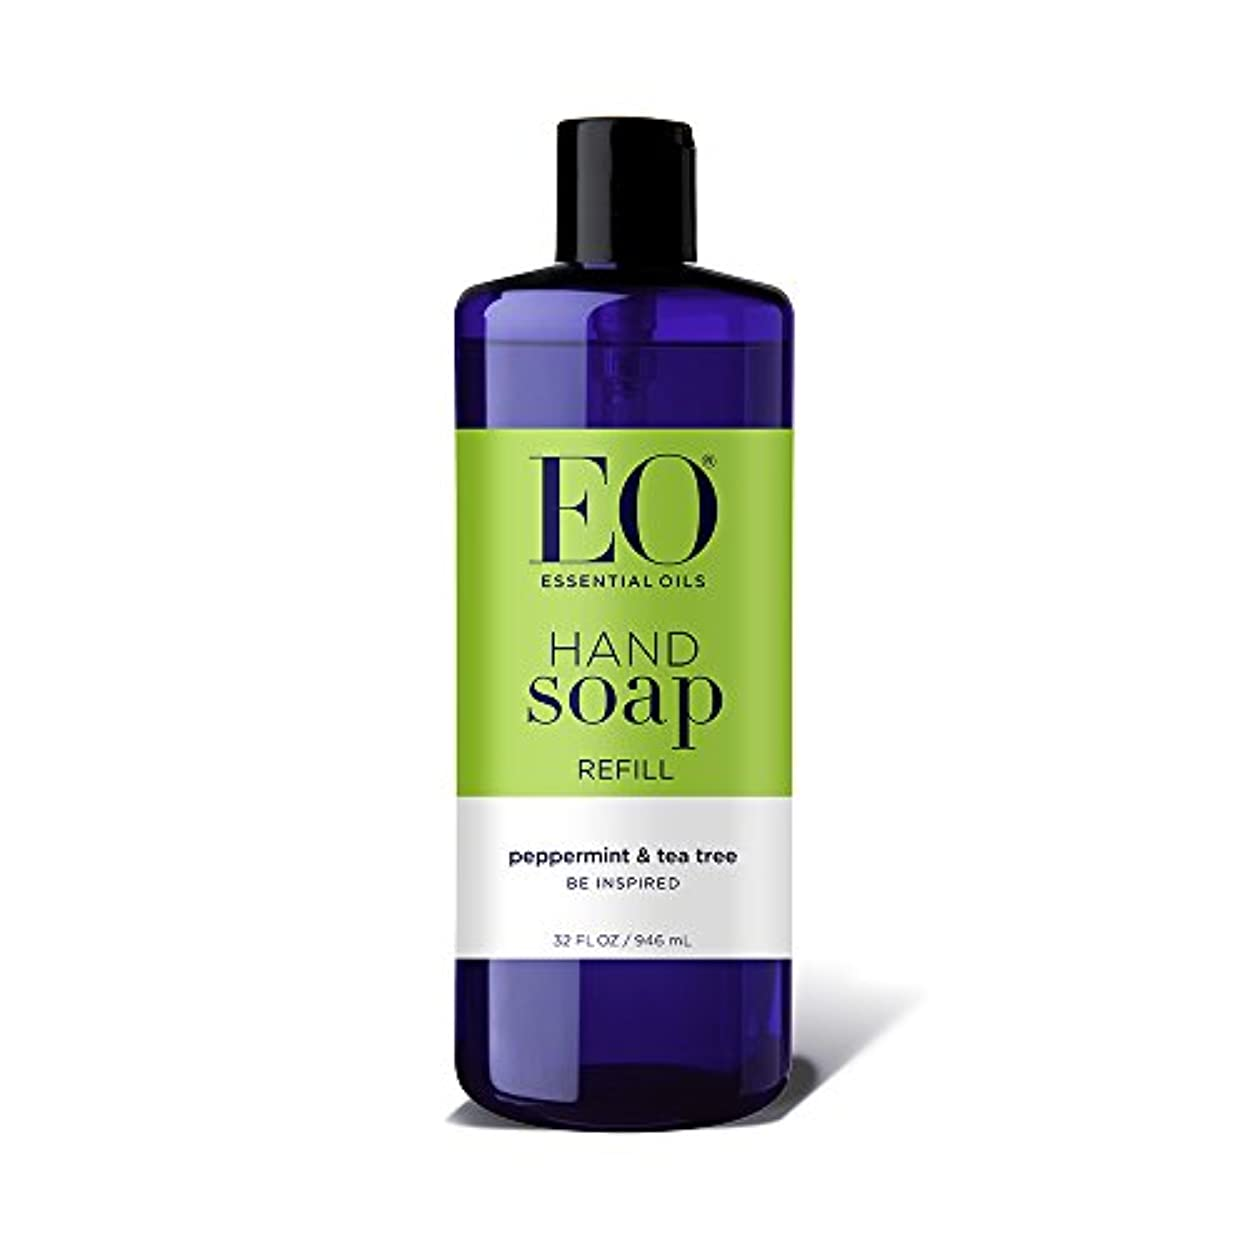 有益なアラームオペレーター海外直送品EO Products Hand Soap Peppermint Refill, Refill Peppermint & Tea, 32 Oz